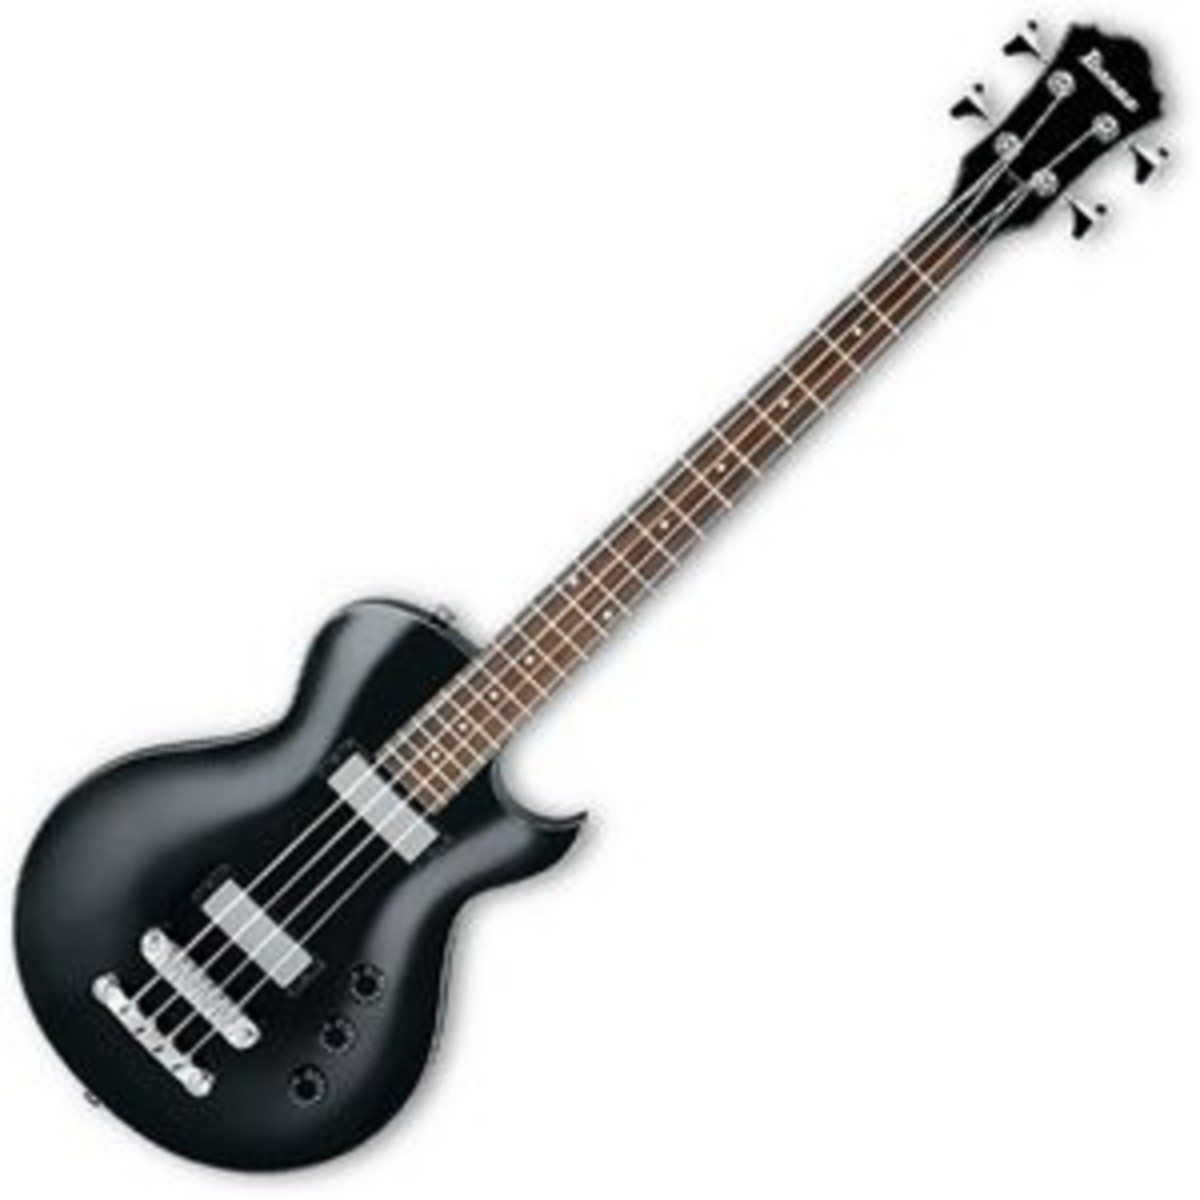 disc ibanez artb100 bass guitar black at. Black Bedroom Furniture Sets. Home Design Ideas